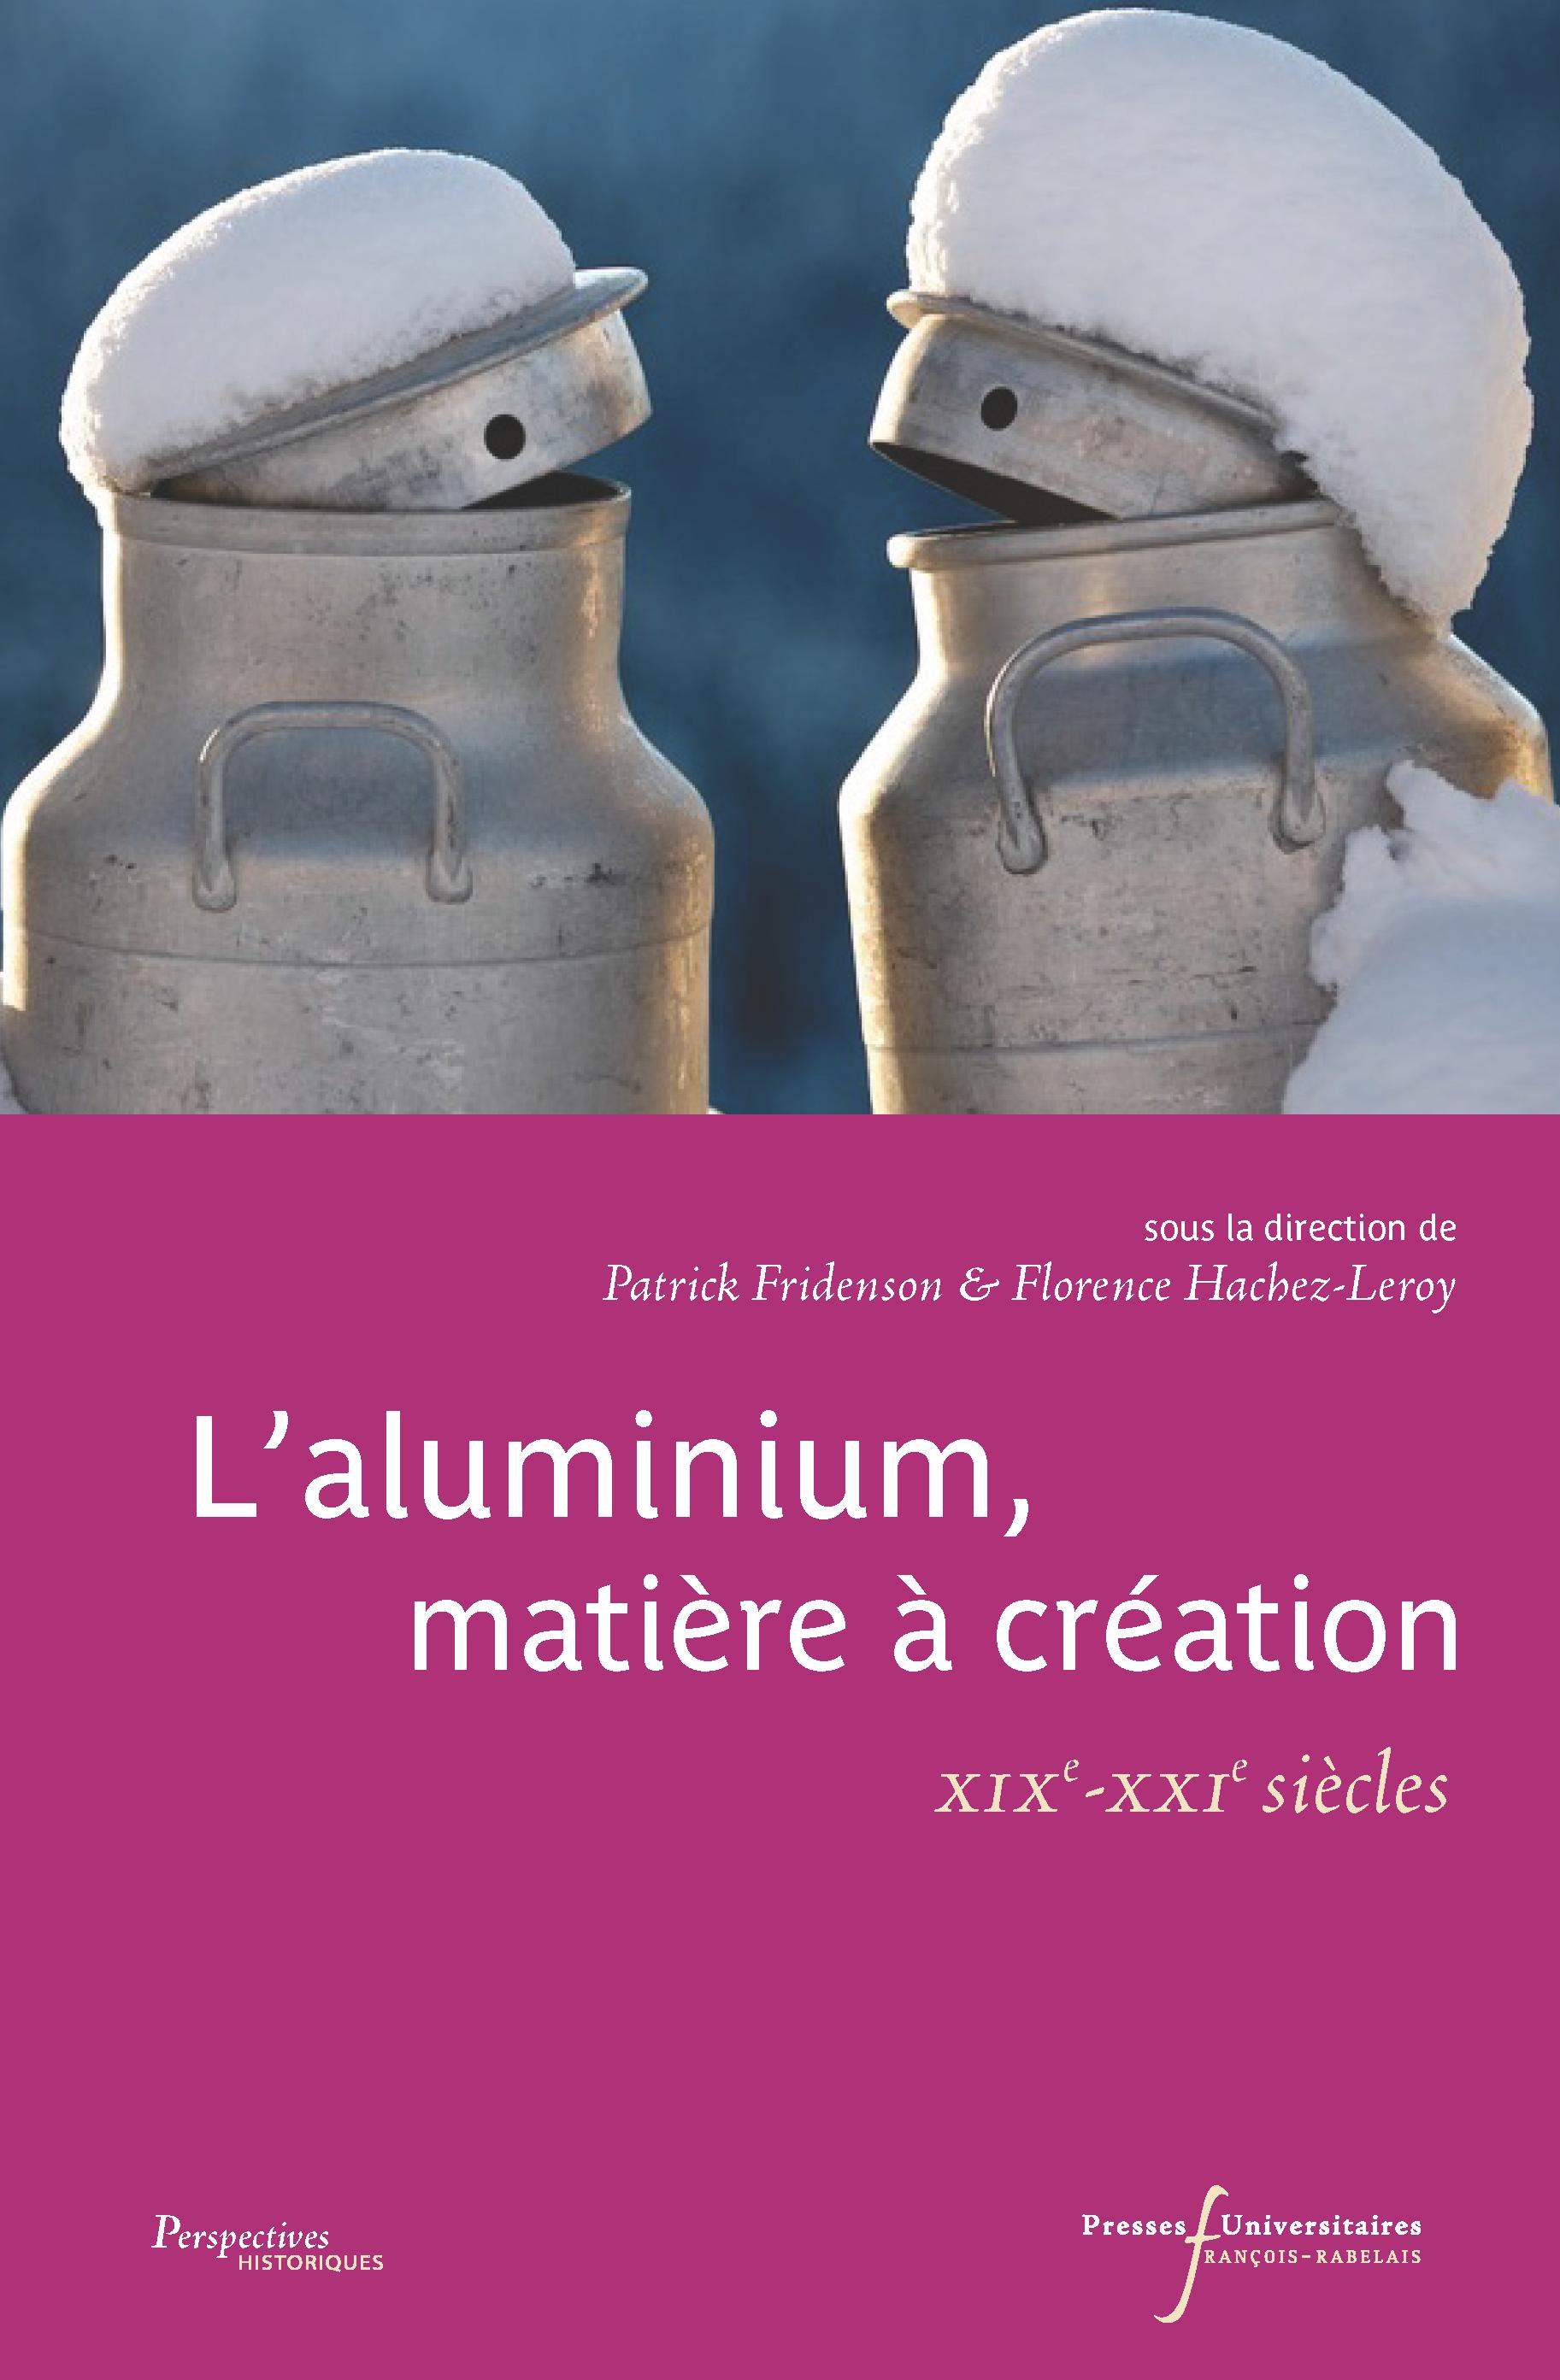 L'aluminium, matière à création